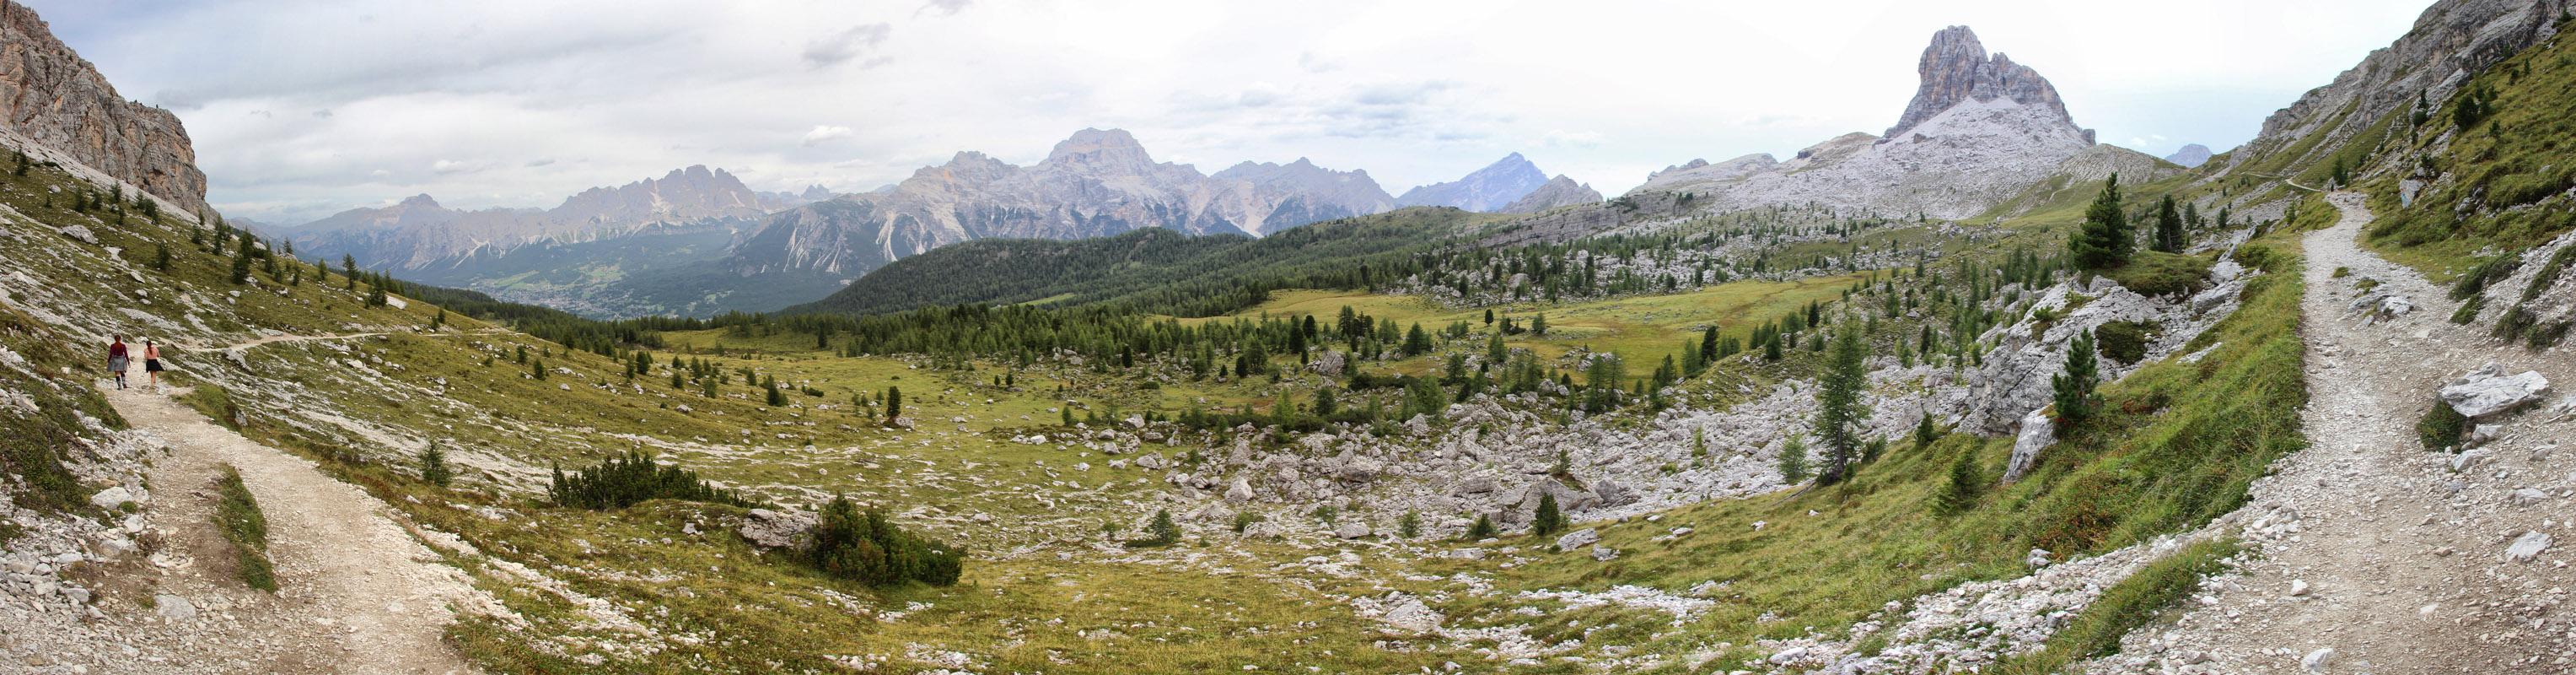 Panoráma Croda Rossa, Monte Cristallo, Tre Cime, Punta Nera a Sorapiss, Antelao a Becco di Mezzodi